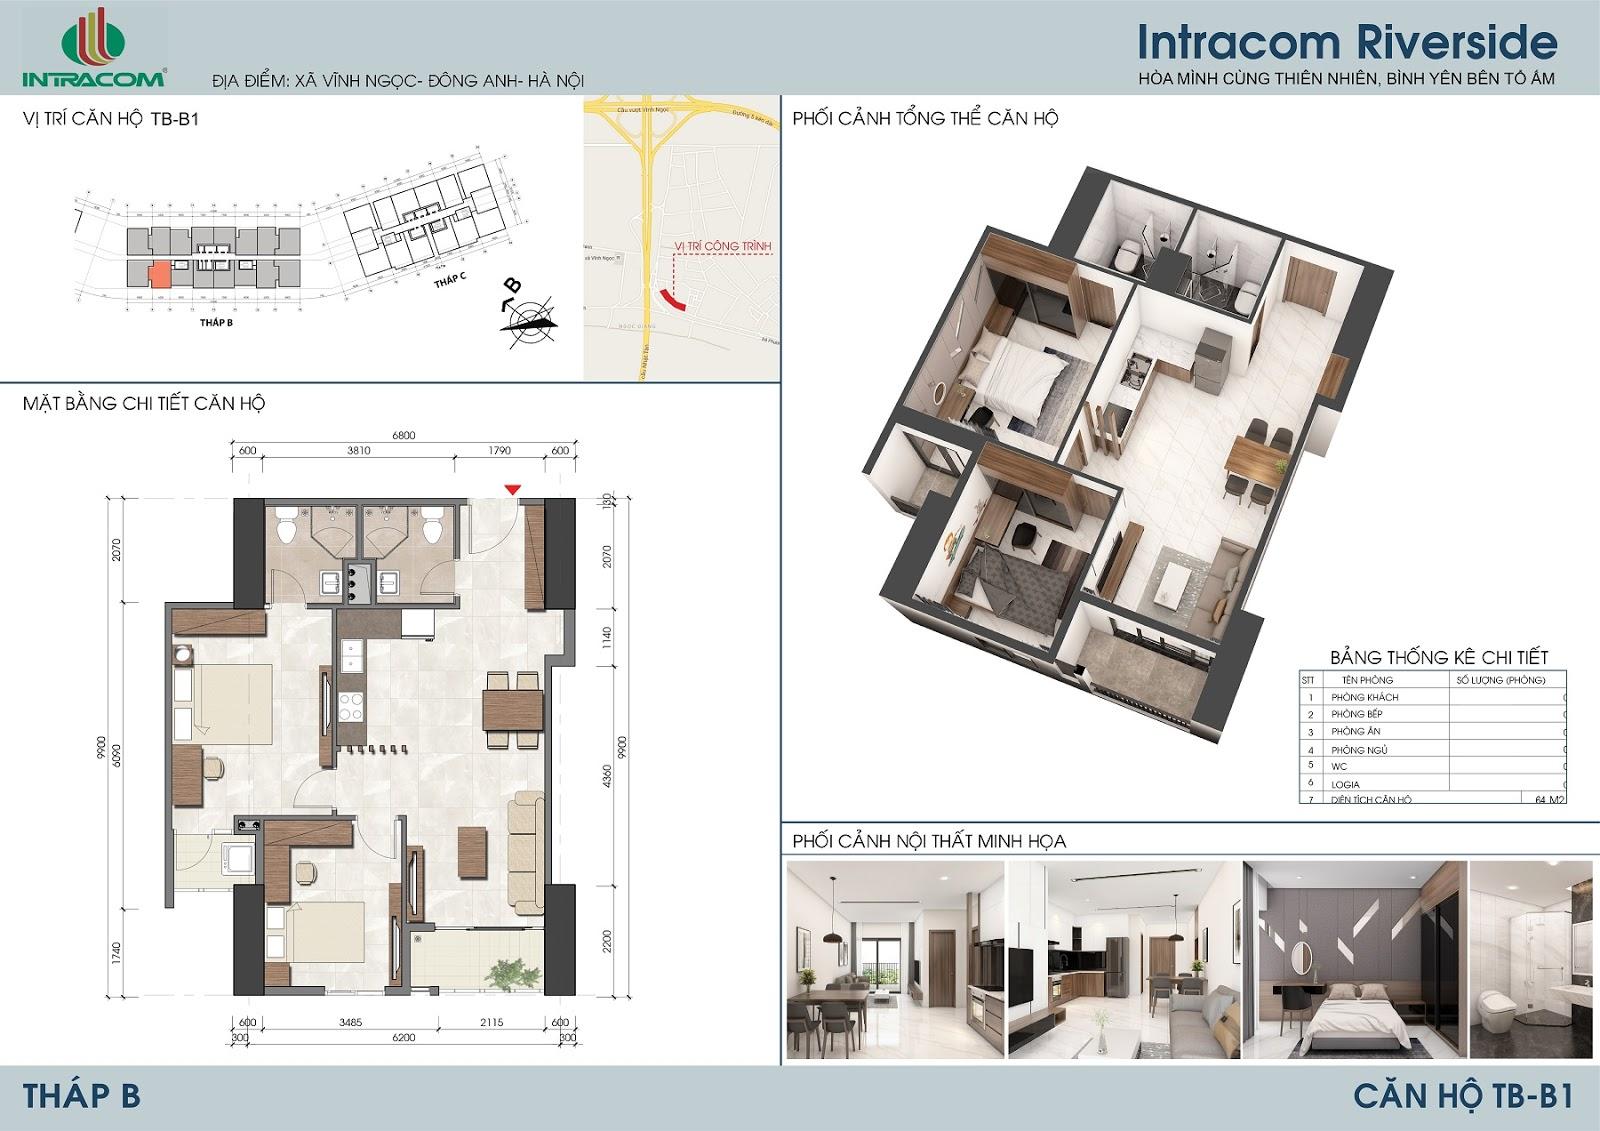 Thiết kế căn hộ 64m2 (02 phòng ngủ), căn số: 10, 15.